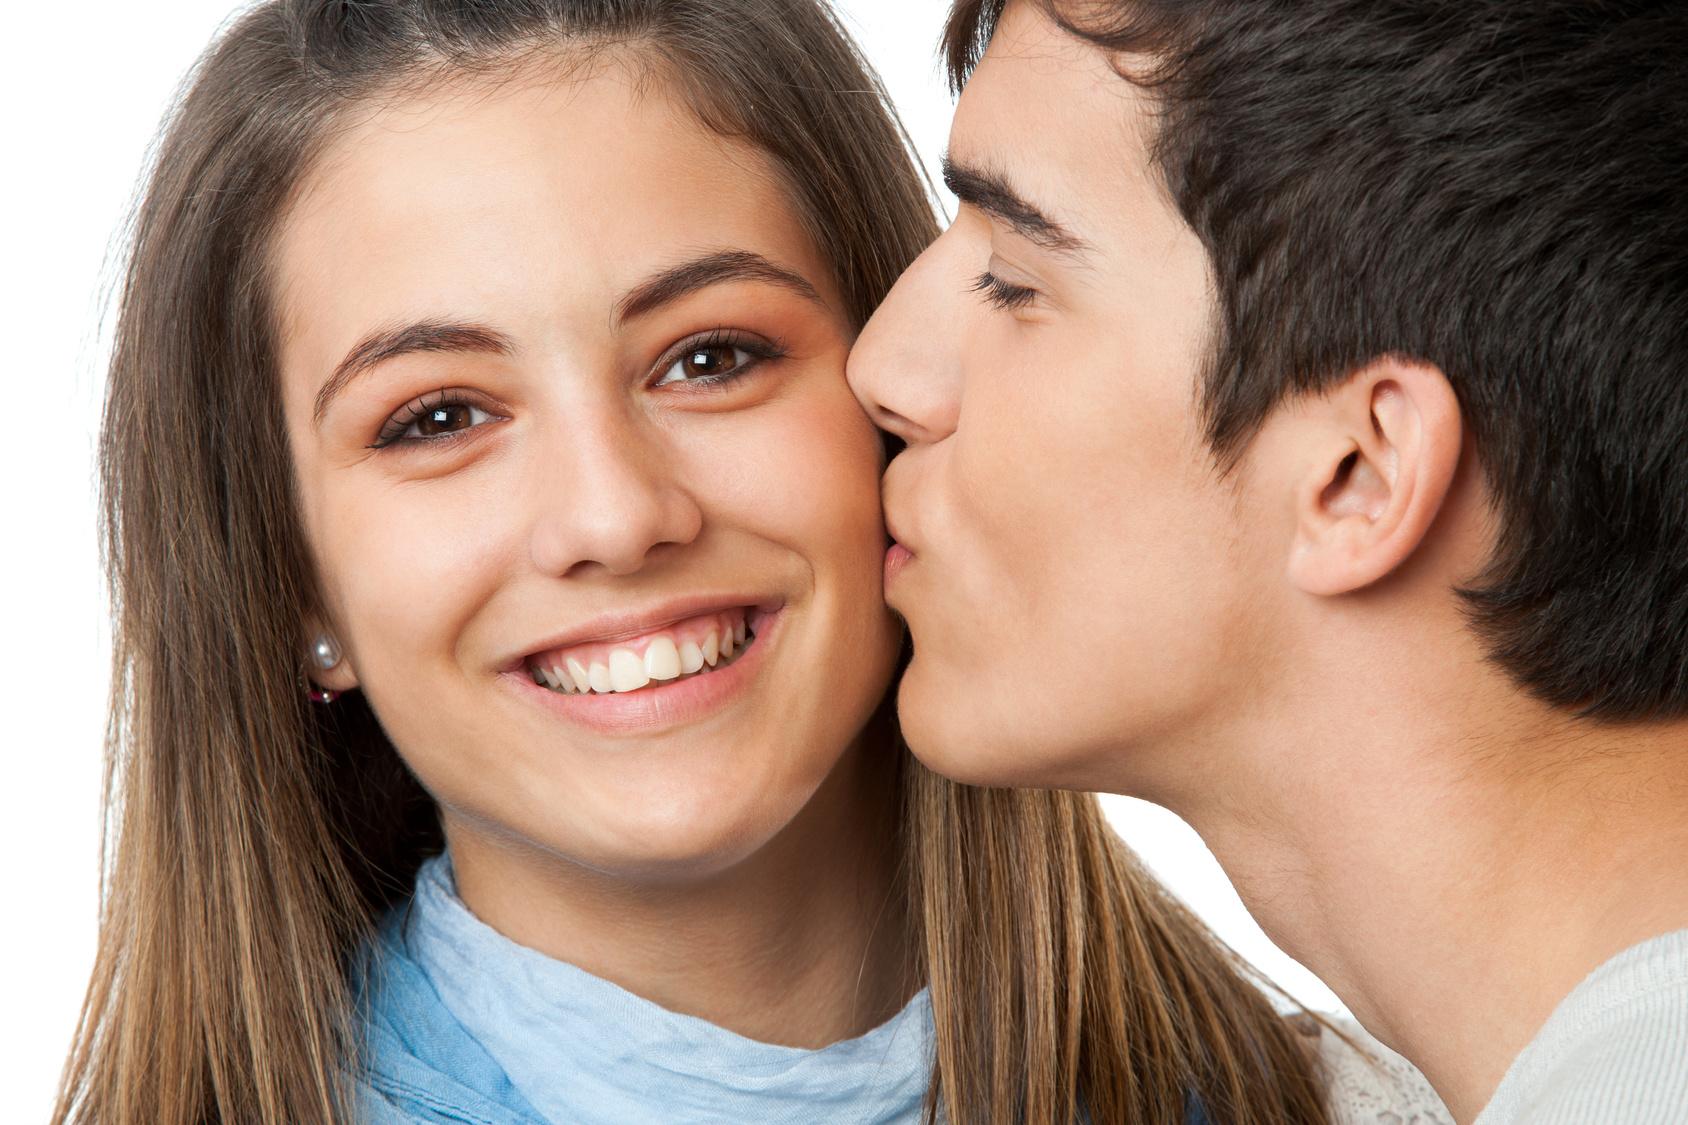 Зачем парни целуют девушек